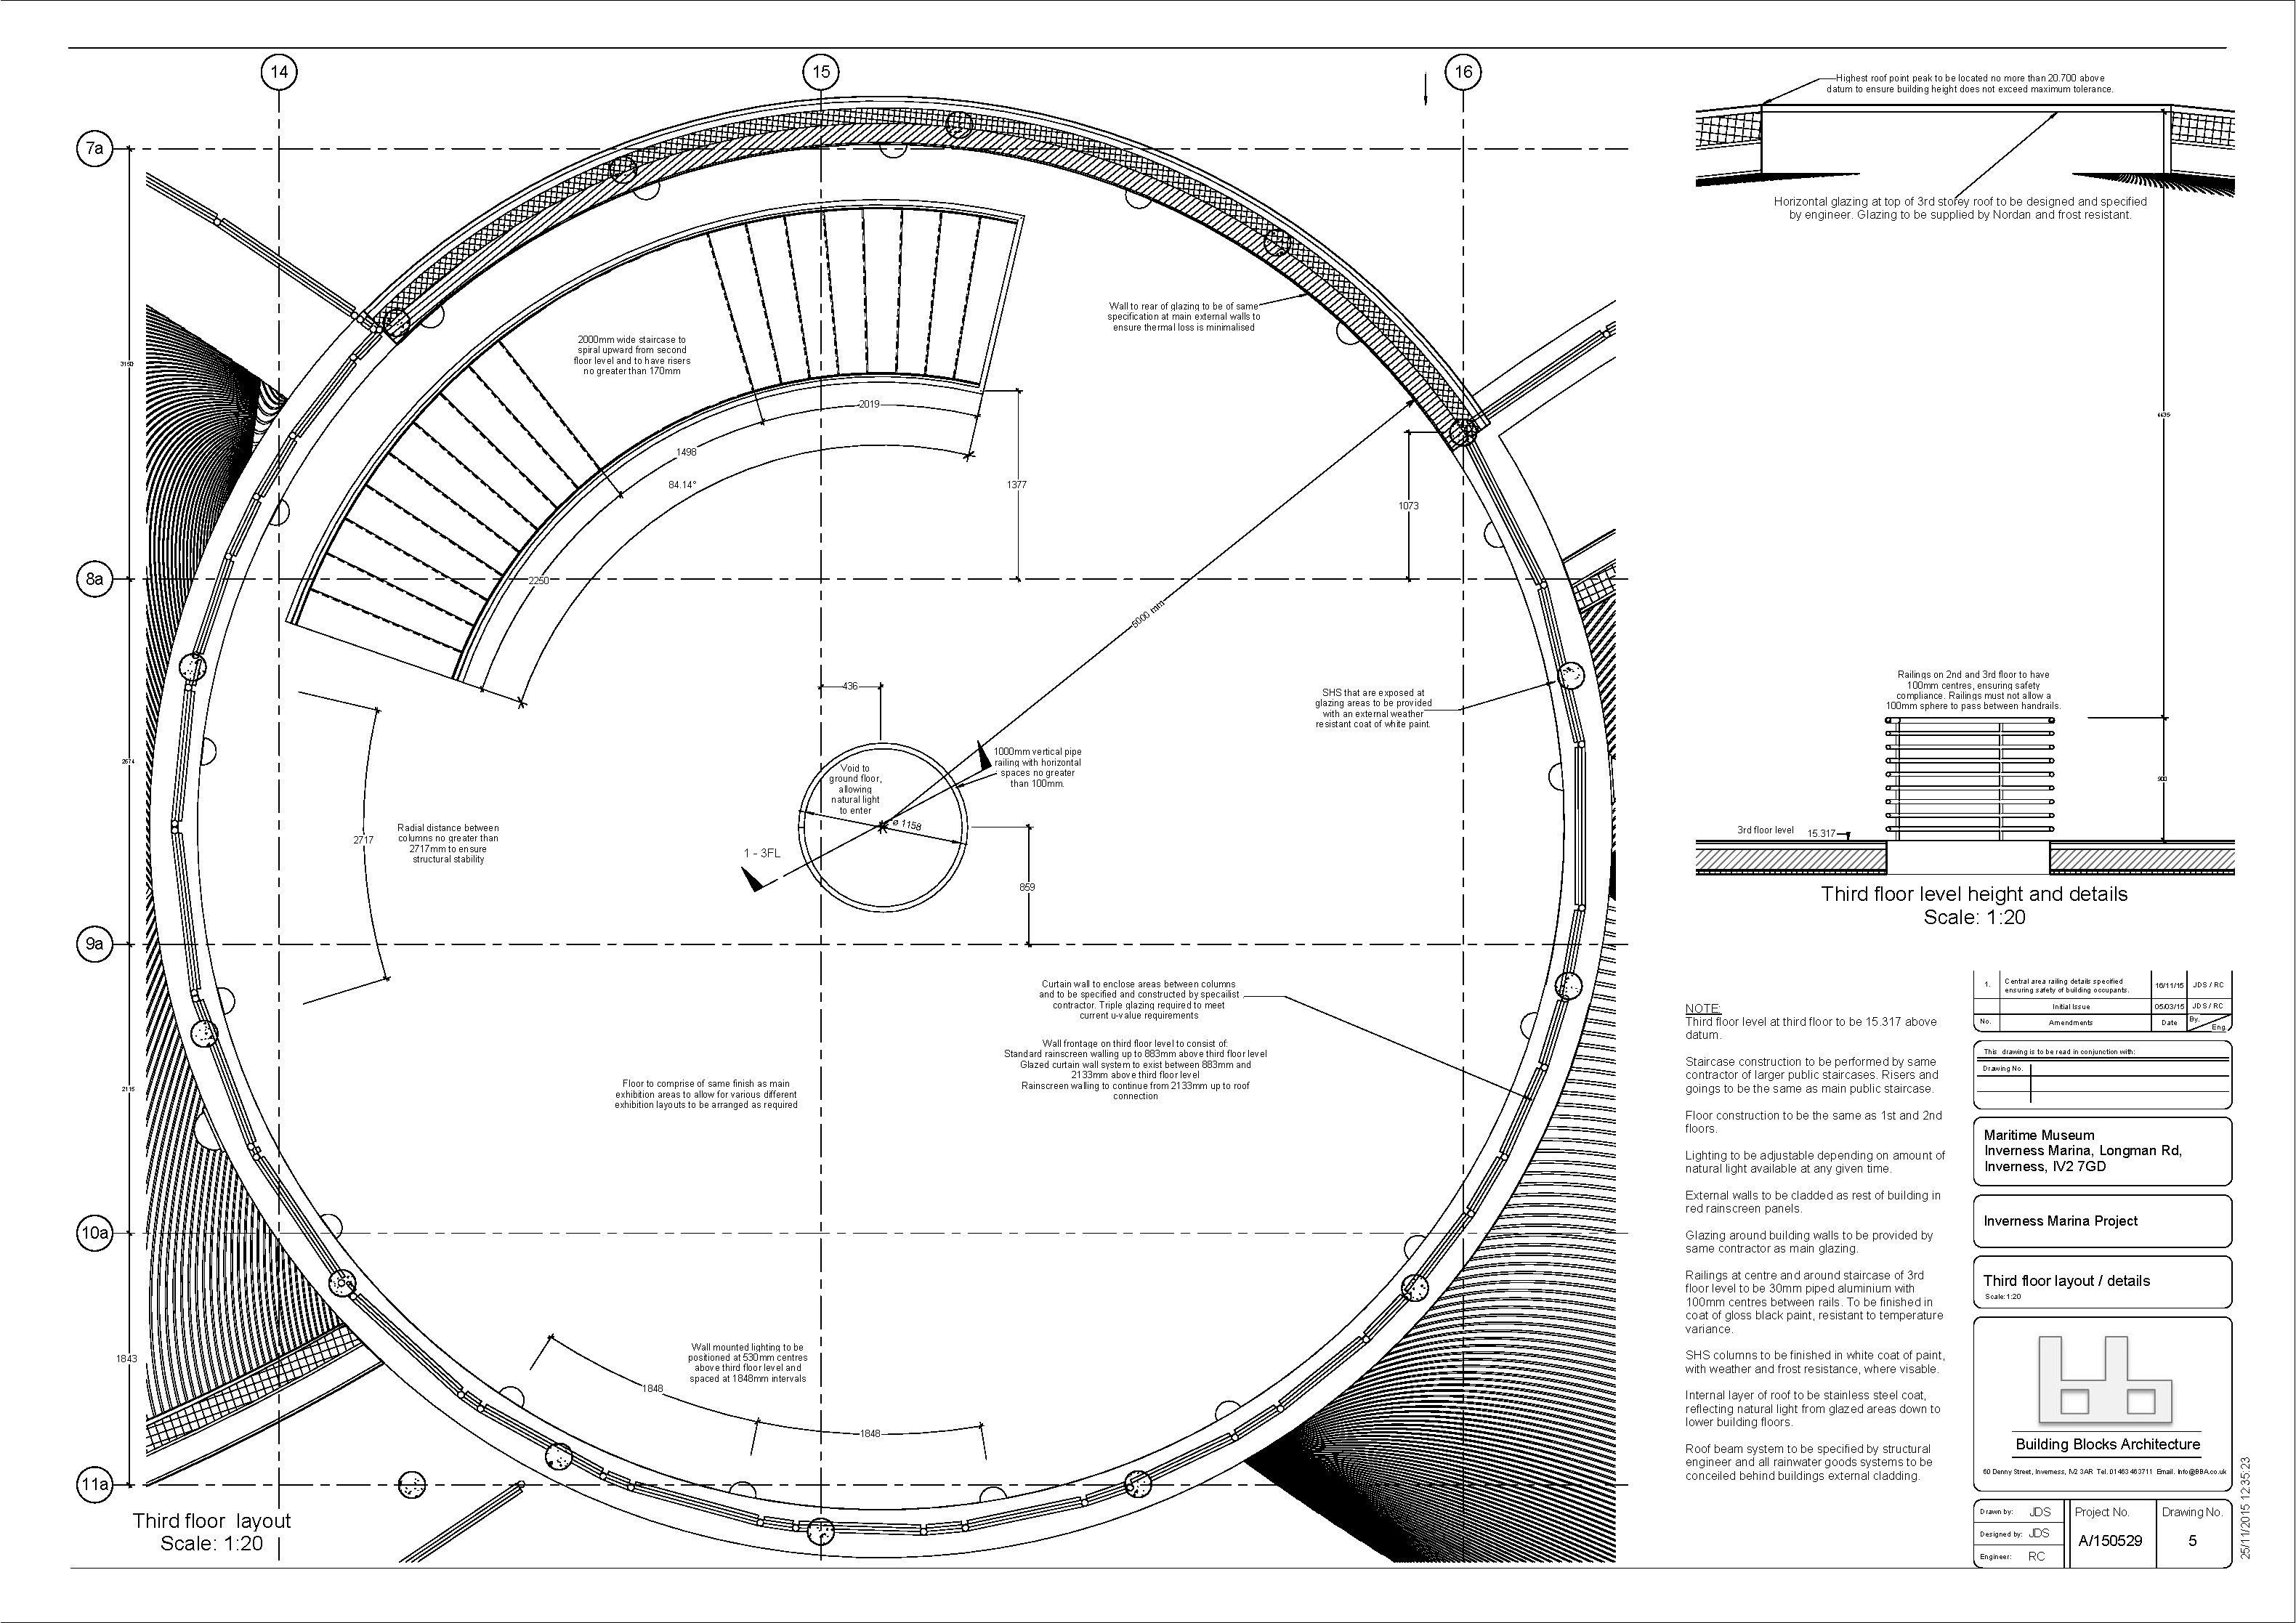 5---third-floor-layout---details-3500-3500